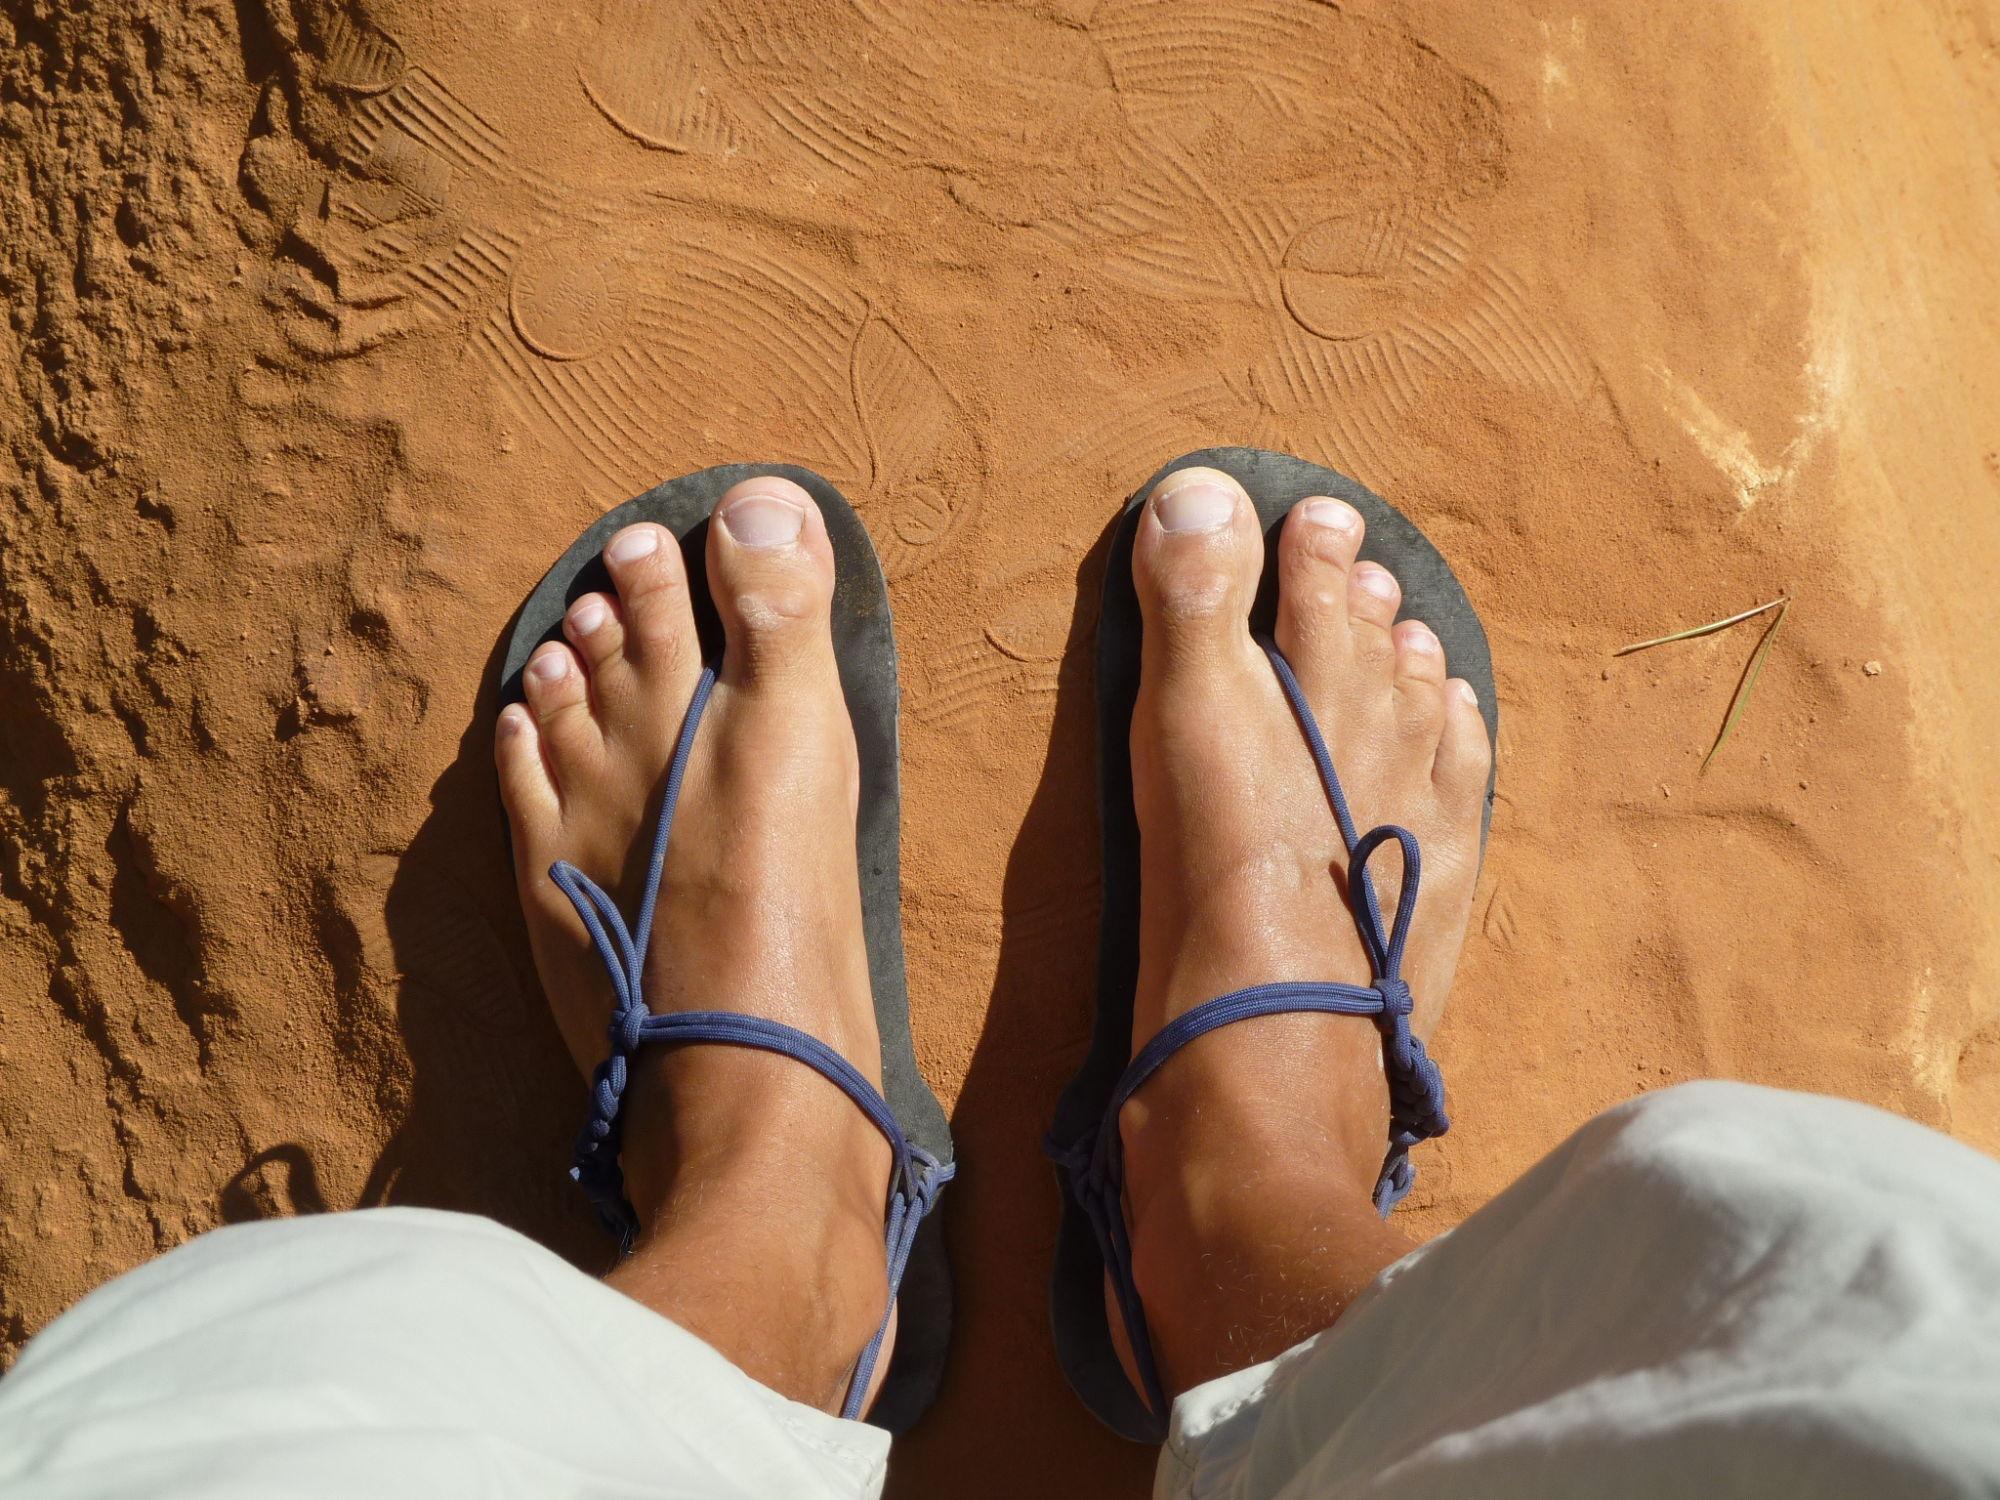 Barefoot sandály na cestách v Rousillion